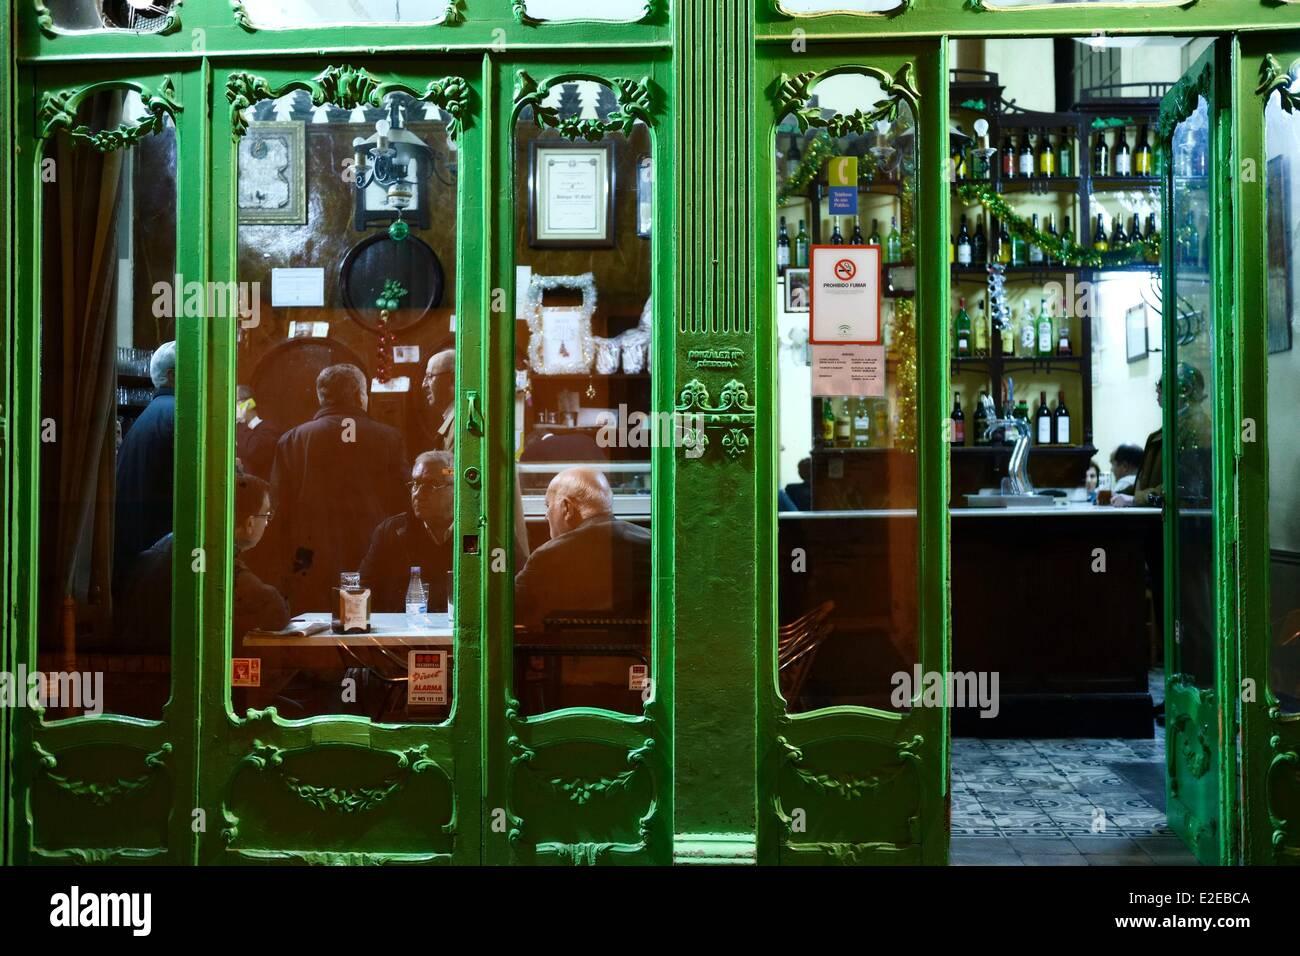 Spain, Andalusia, Cordoba, the Bodegas El Gallo Stock Photo